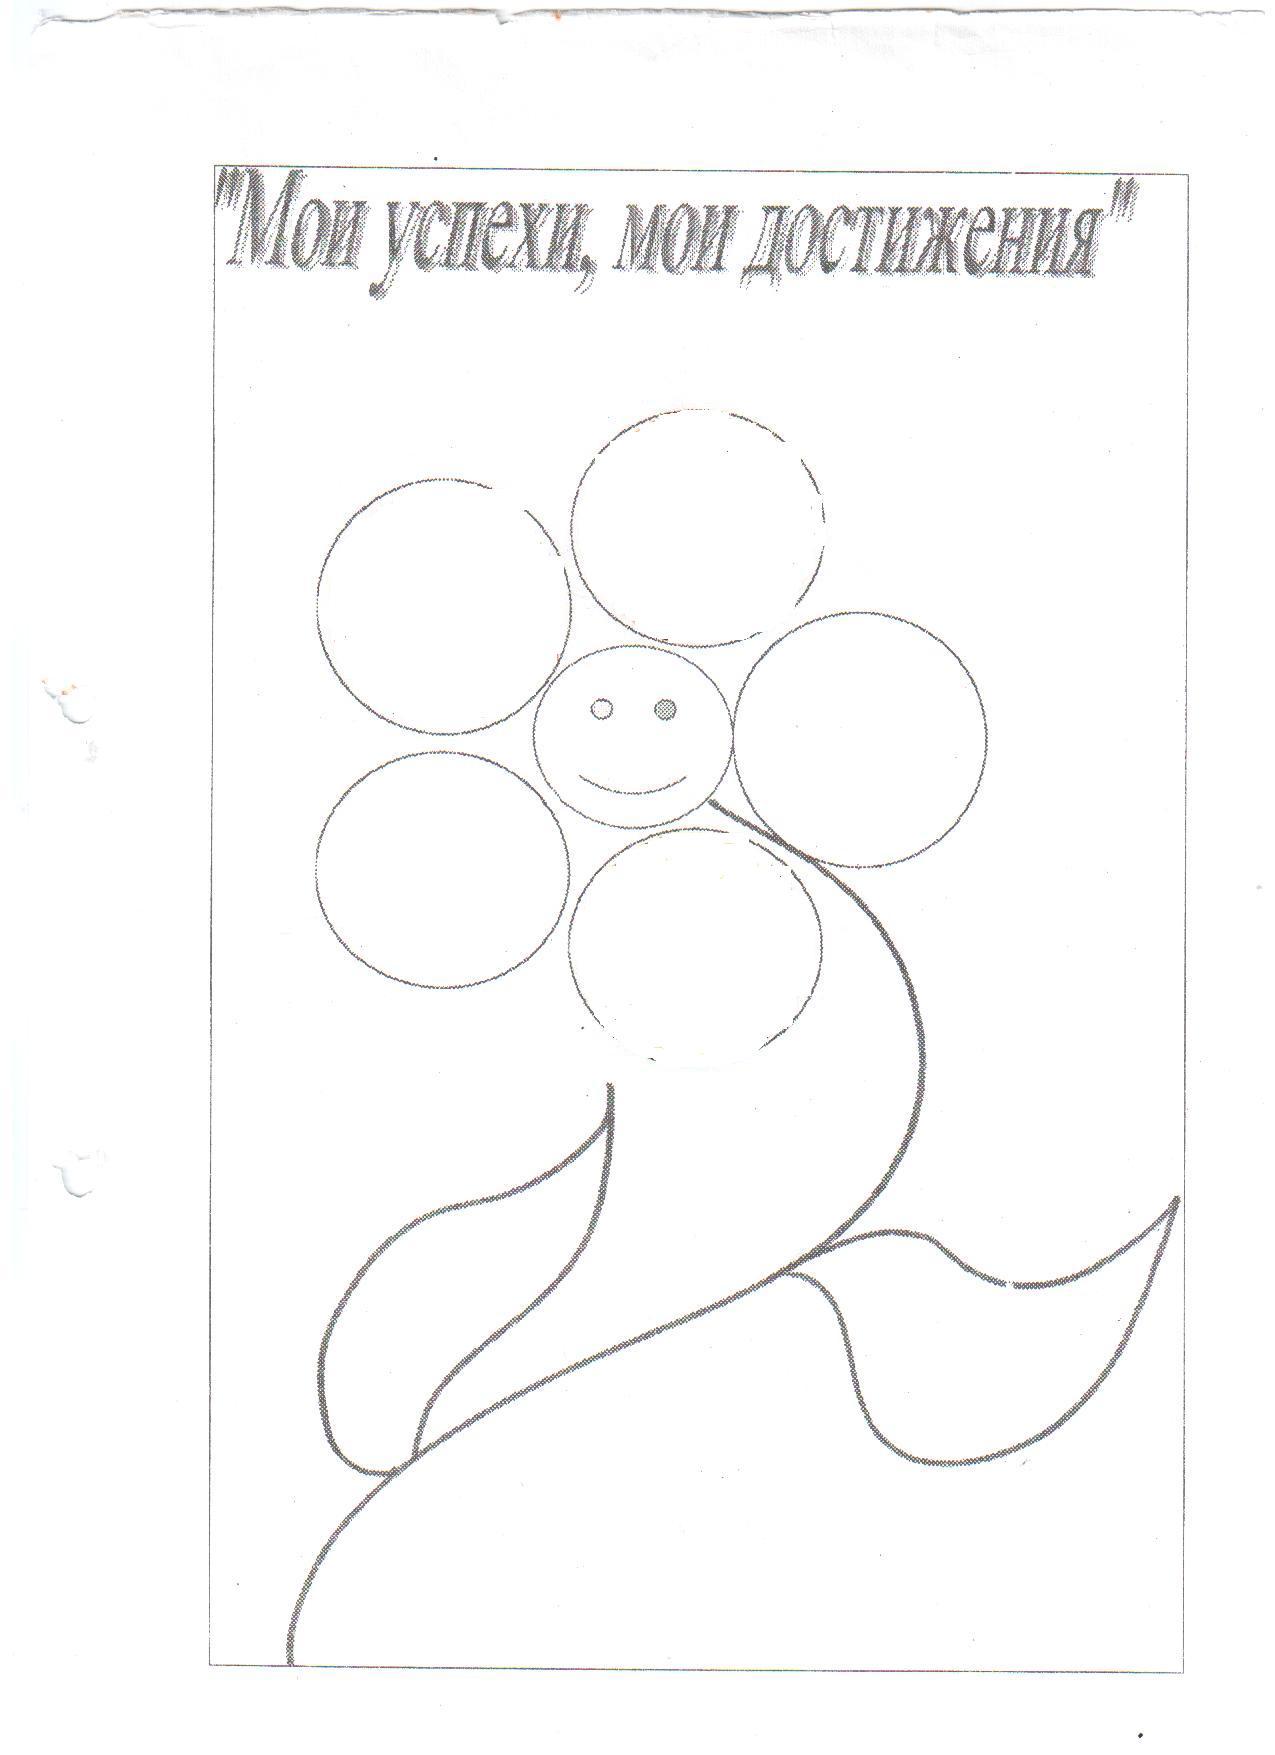 C:\Documents and Settings\Admin\Мои документы\Мои рисунки\Изображение\Изображение 108.jpg